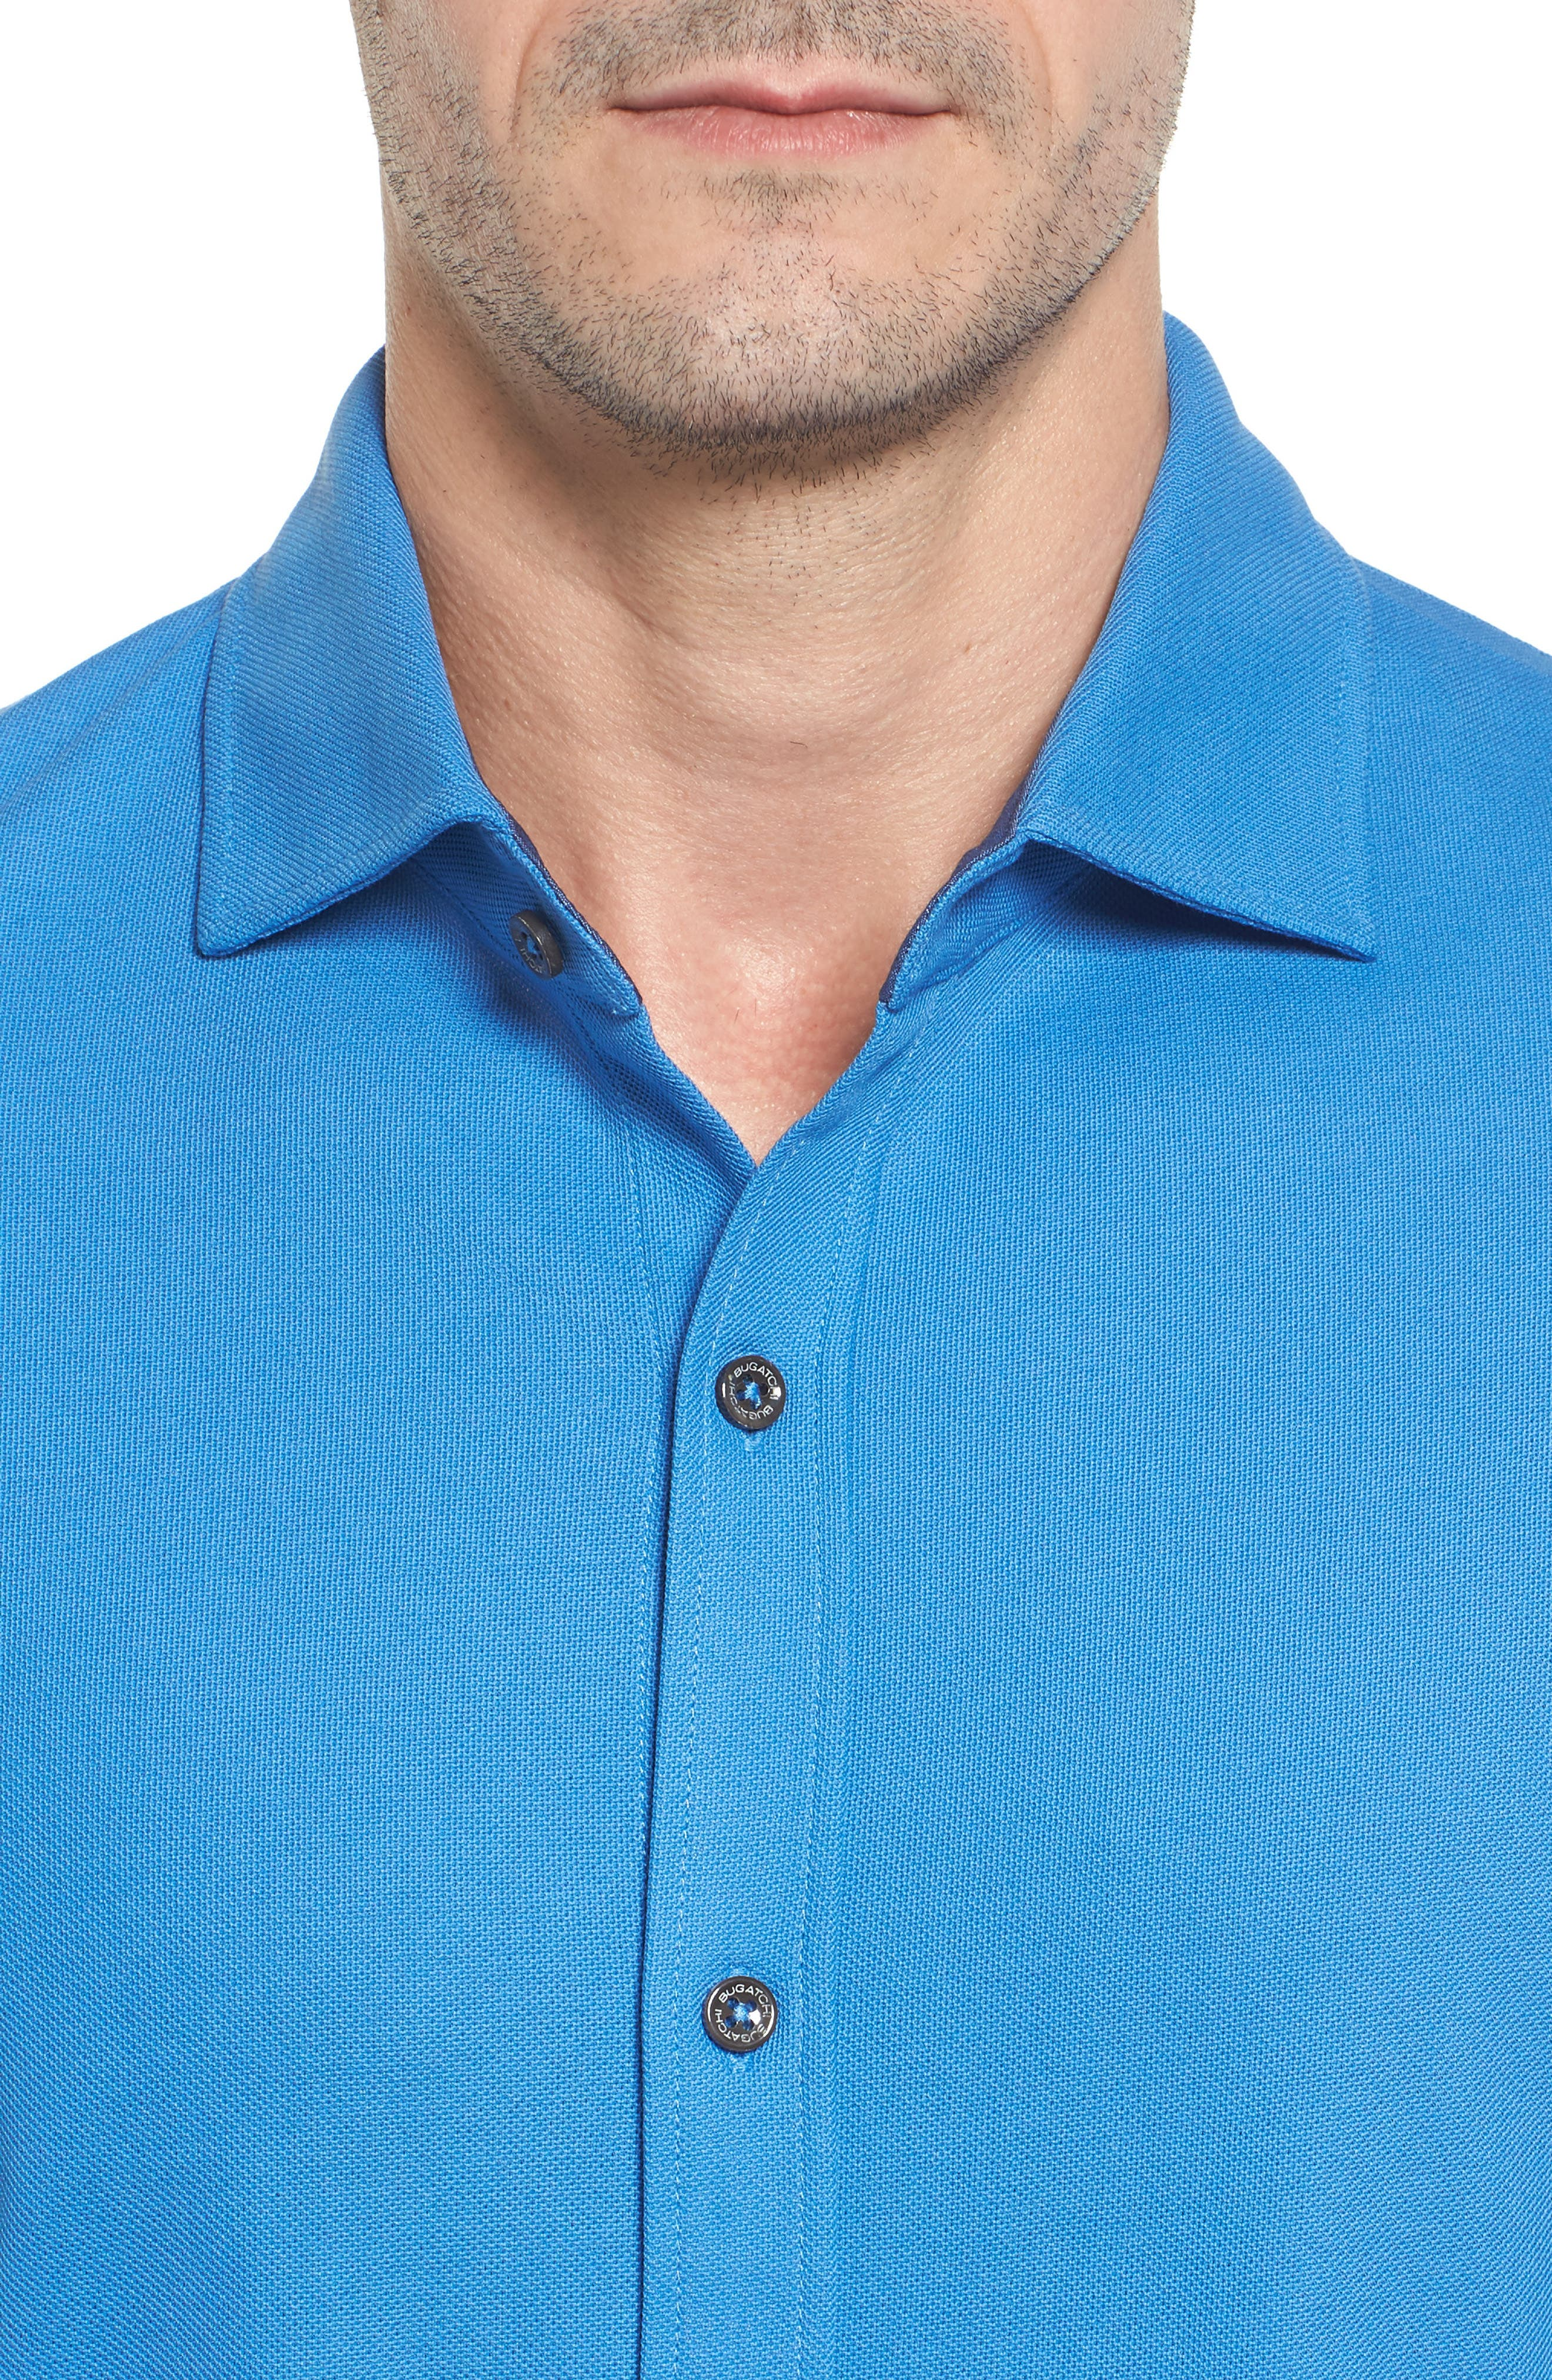 Classic Fit Piqué Knit Shirt,                             Alternate thumbnail 4, color,                             Classic Blue